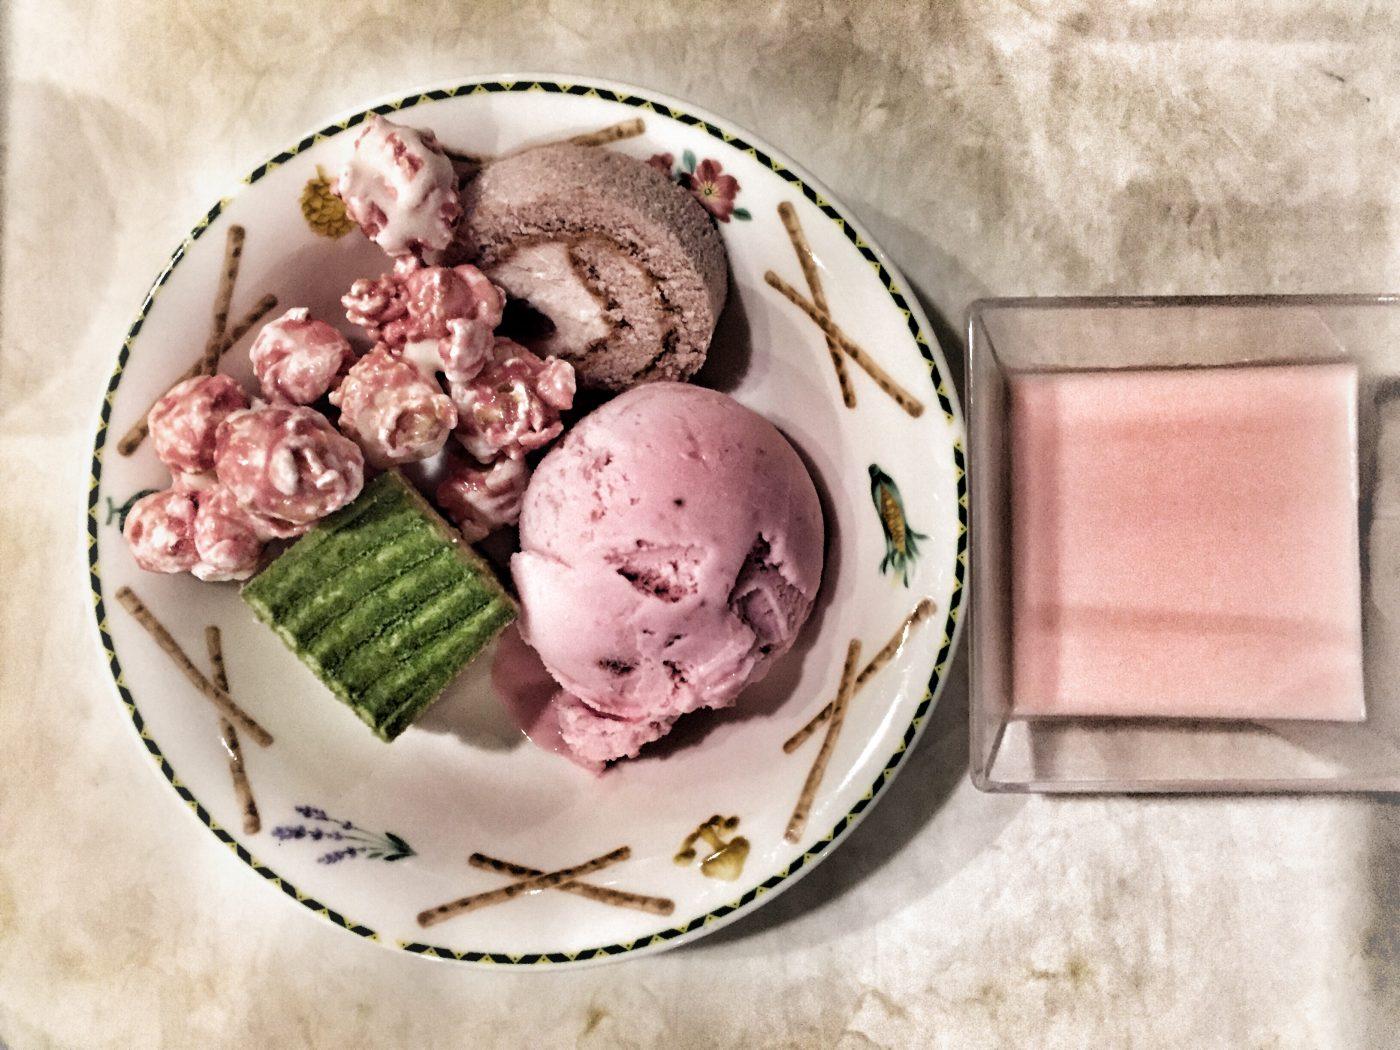 Dessert auf japanisch: Matcha-Kuchen, Erdbeerpopcorn, Erdbeereis und Erdbeerpudding, japanisches Essen, Japan